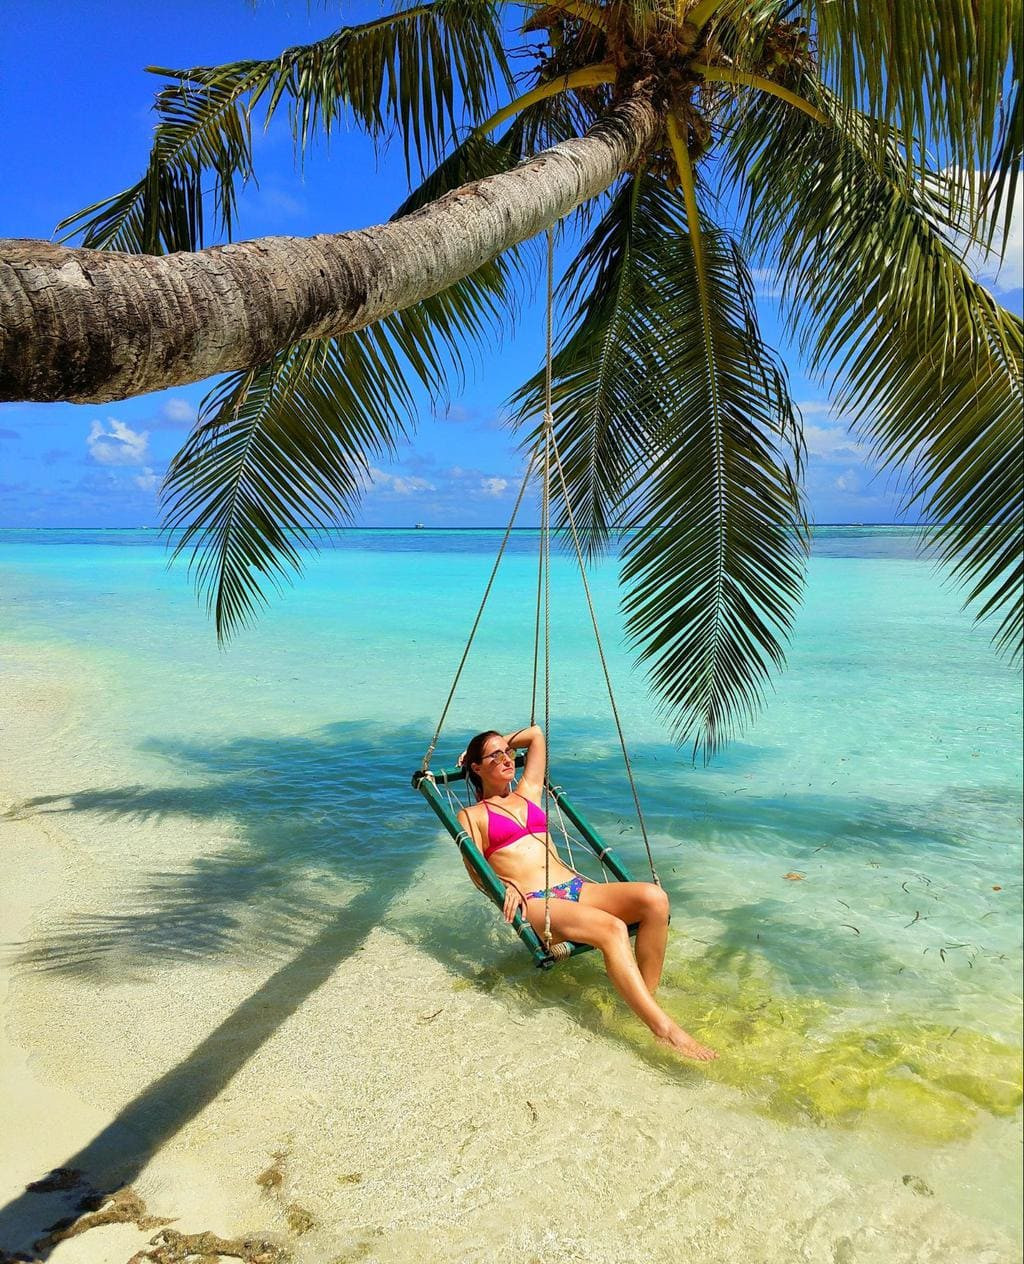 Me in the Maldives